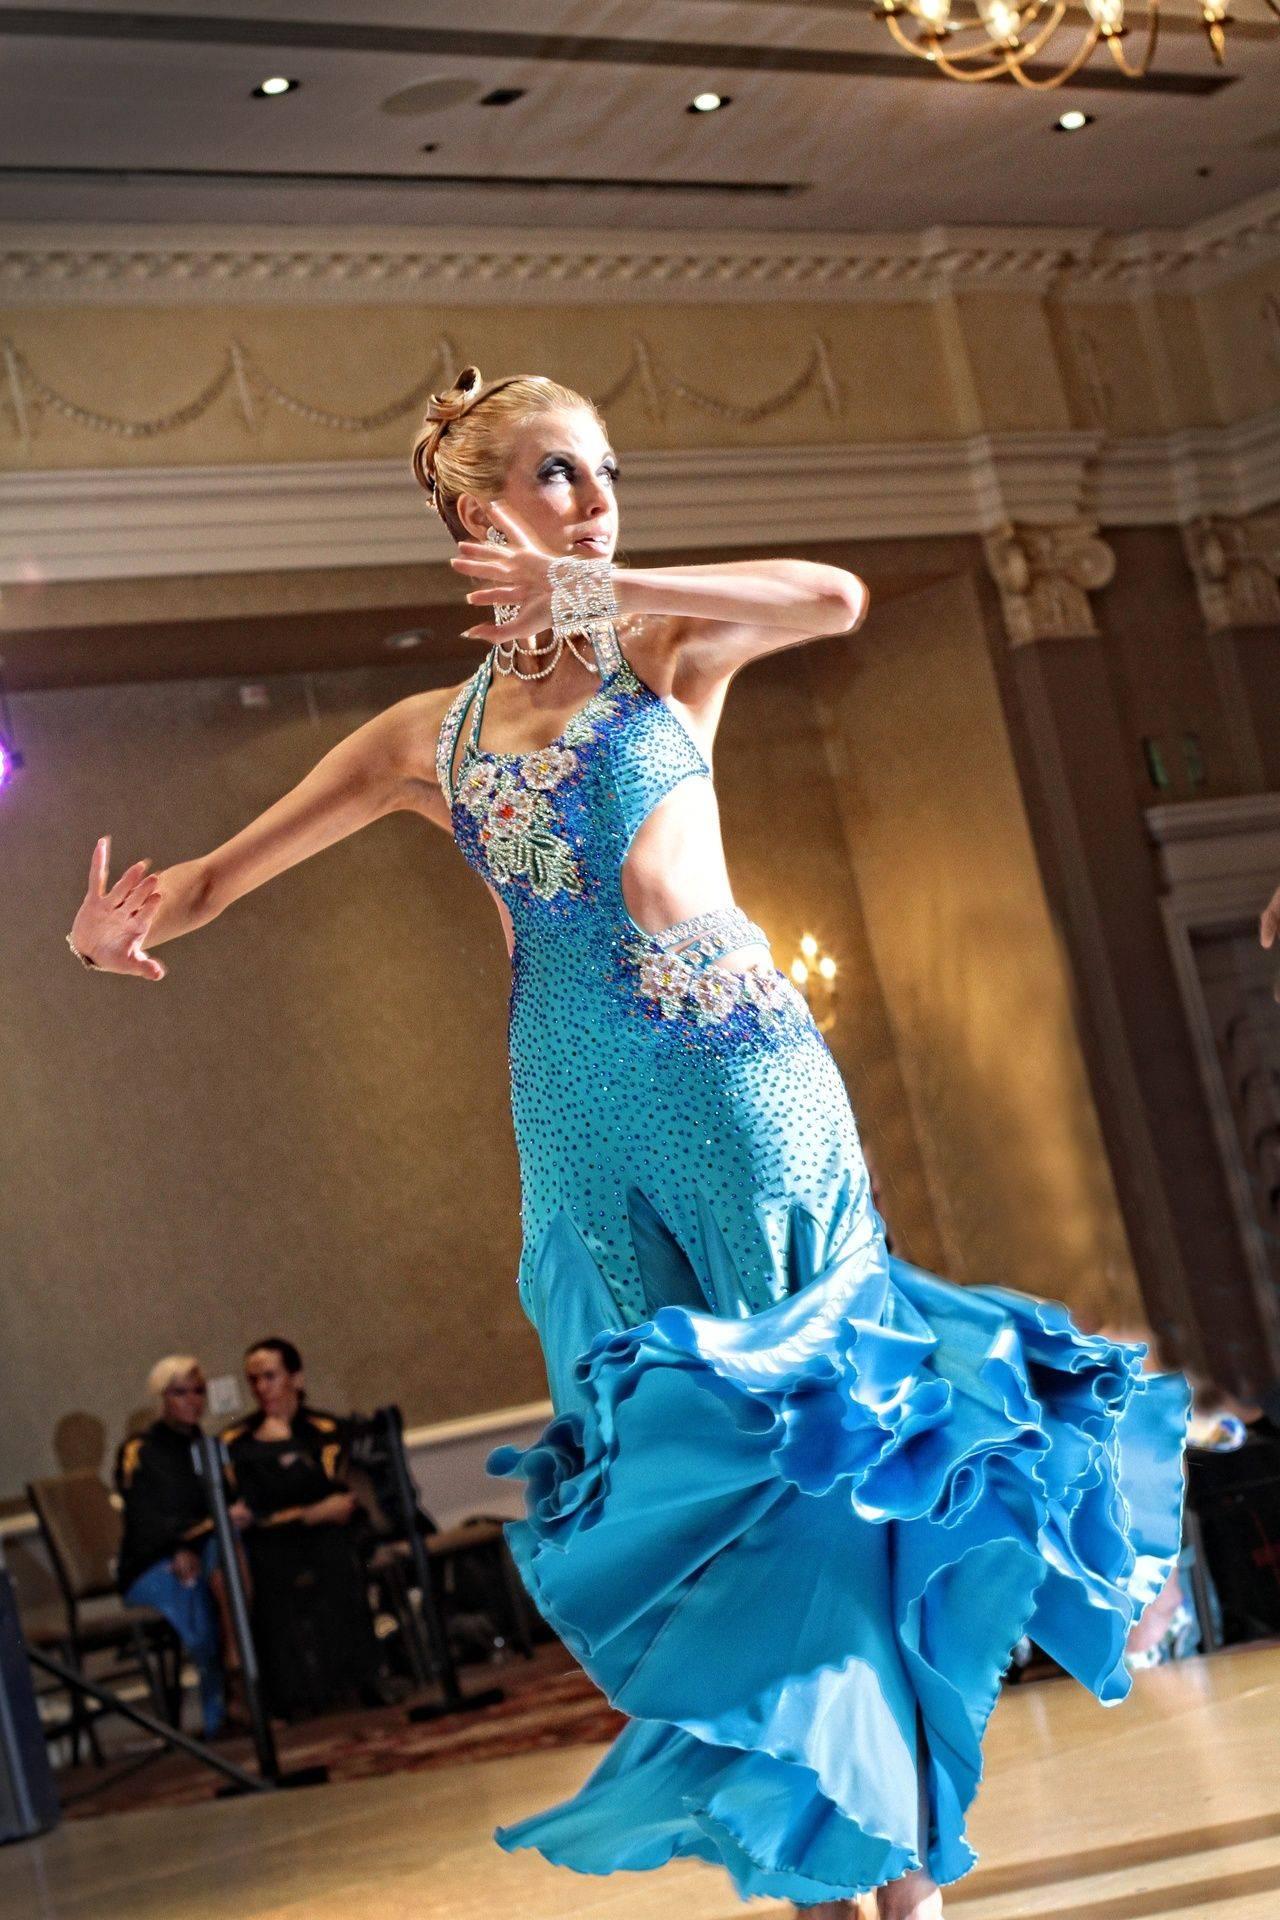 Blue Dress Dancing Waltz